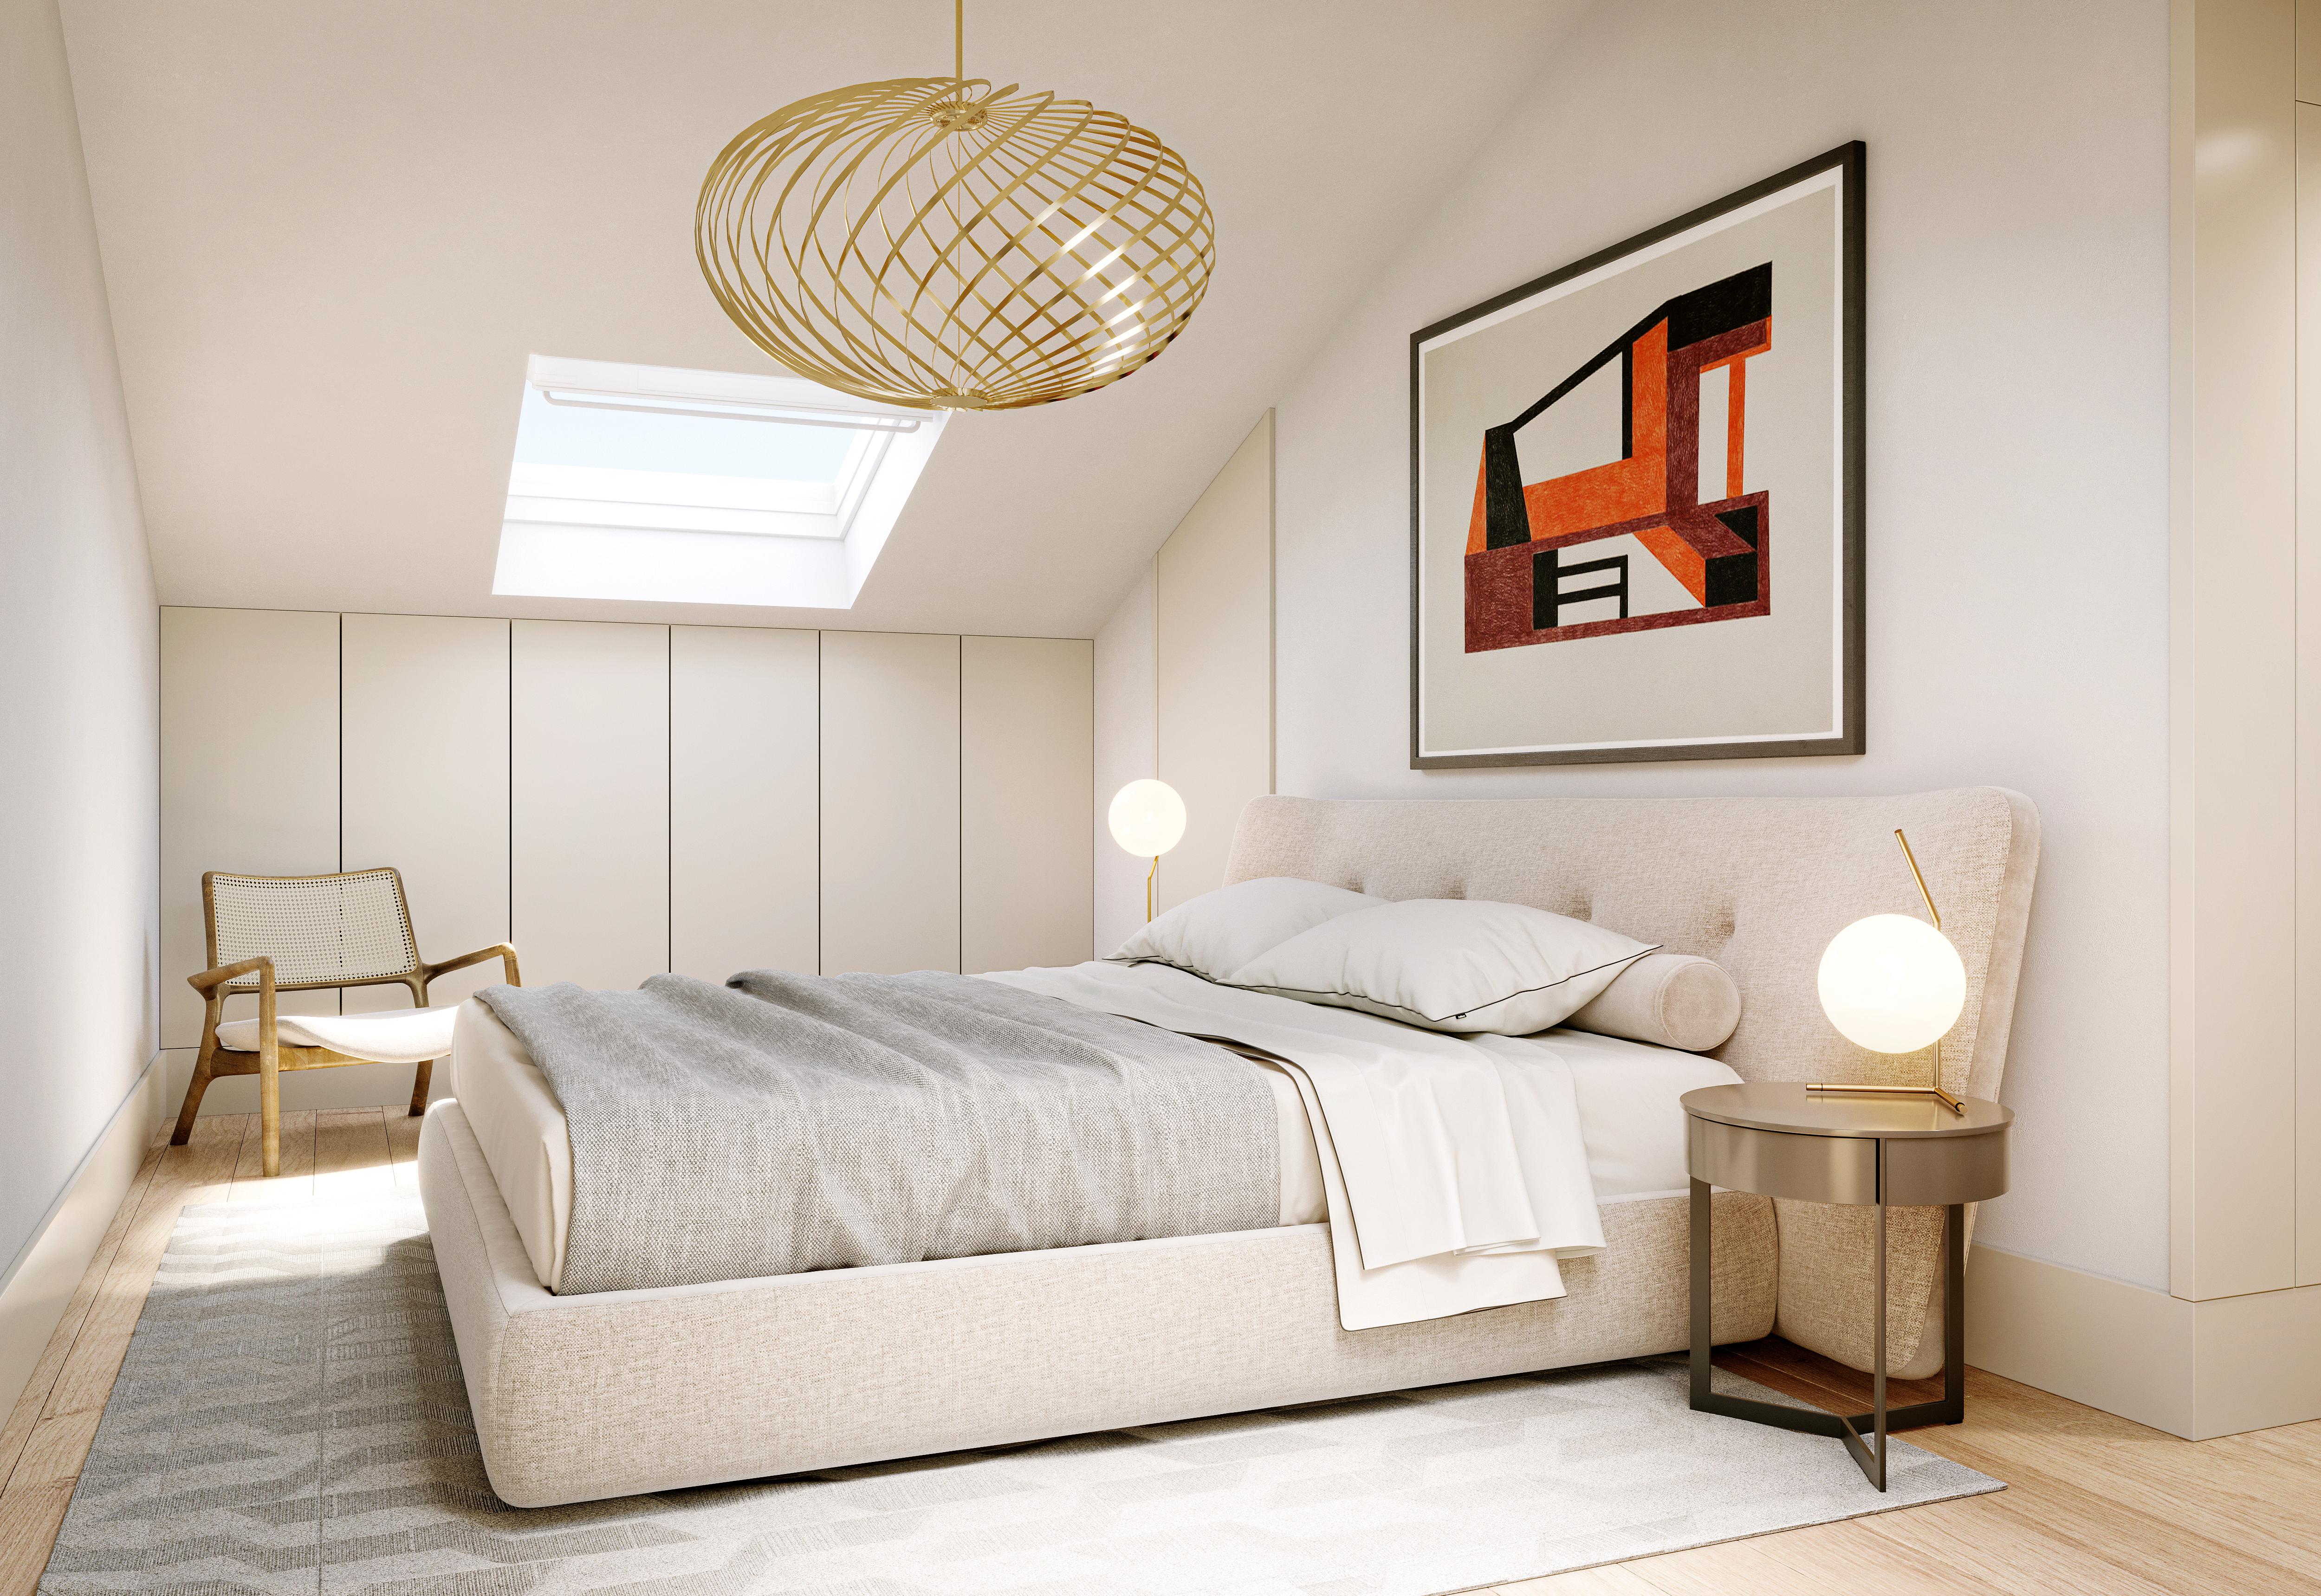 Portugal Sotheby's International Realty | Quintela + Penalva Knight Frank